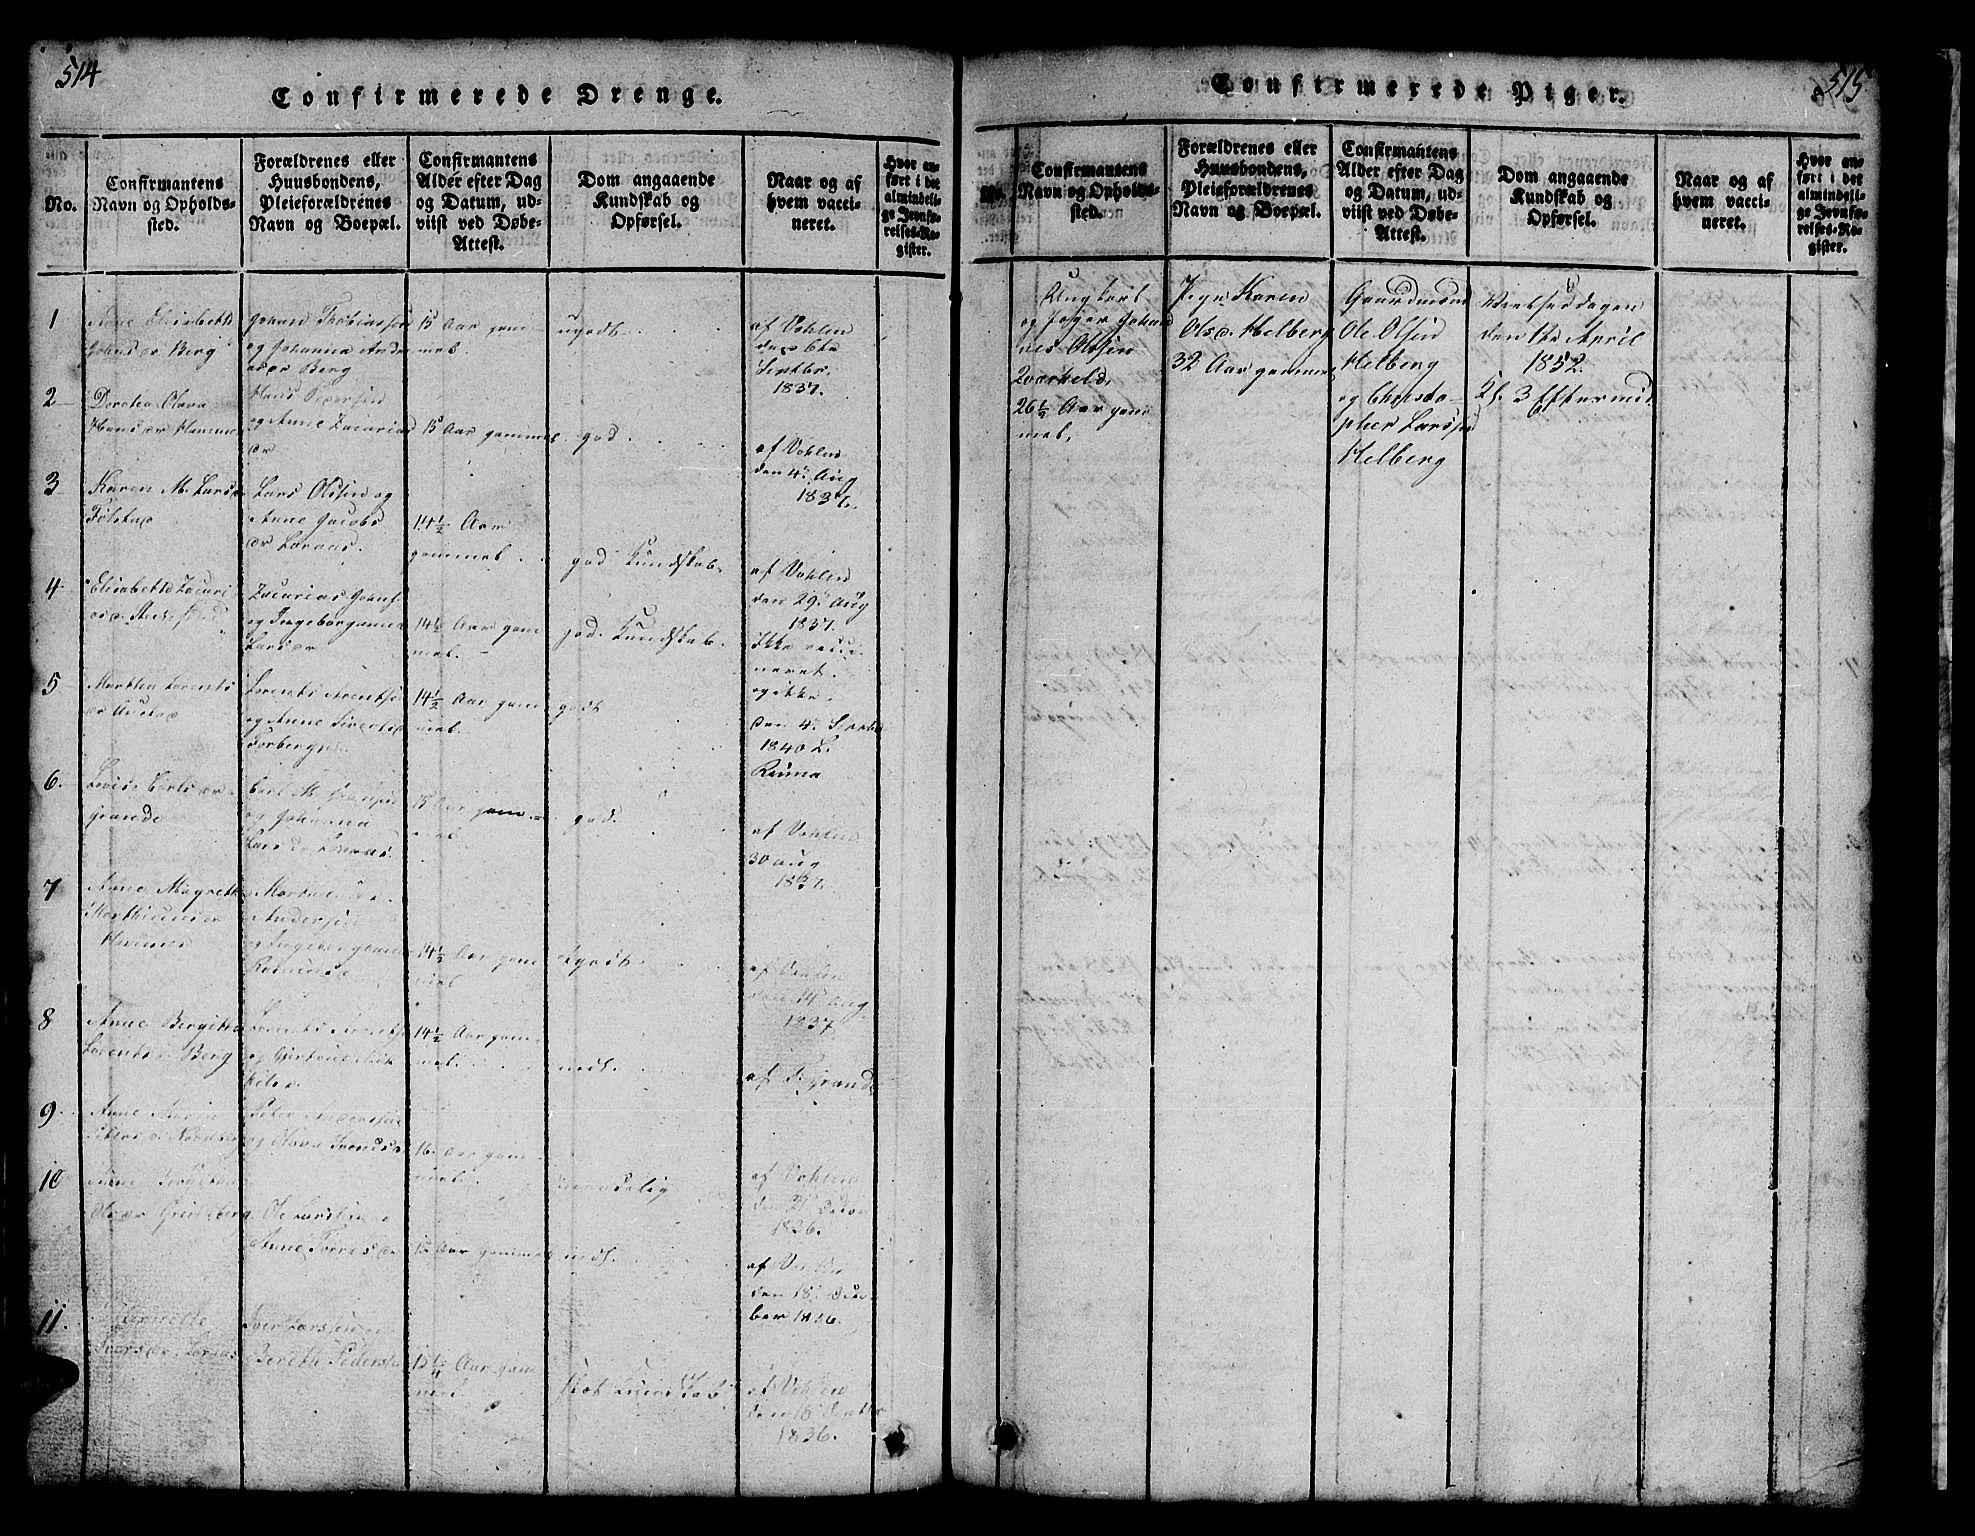 SAT, Ministerialprotokoller, klokkerbøker og fødselsregistre - Nord-Trøndelag, 731/L0310: Klokkerbok nr. 731C01, 1816-1874, s. 514-515